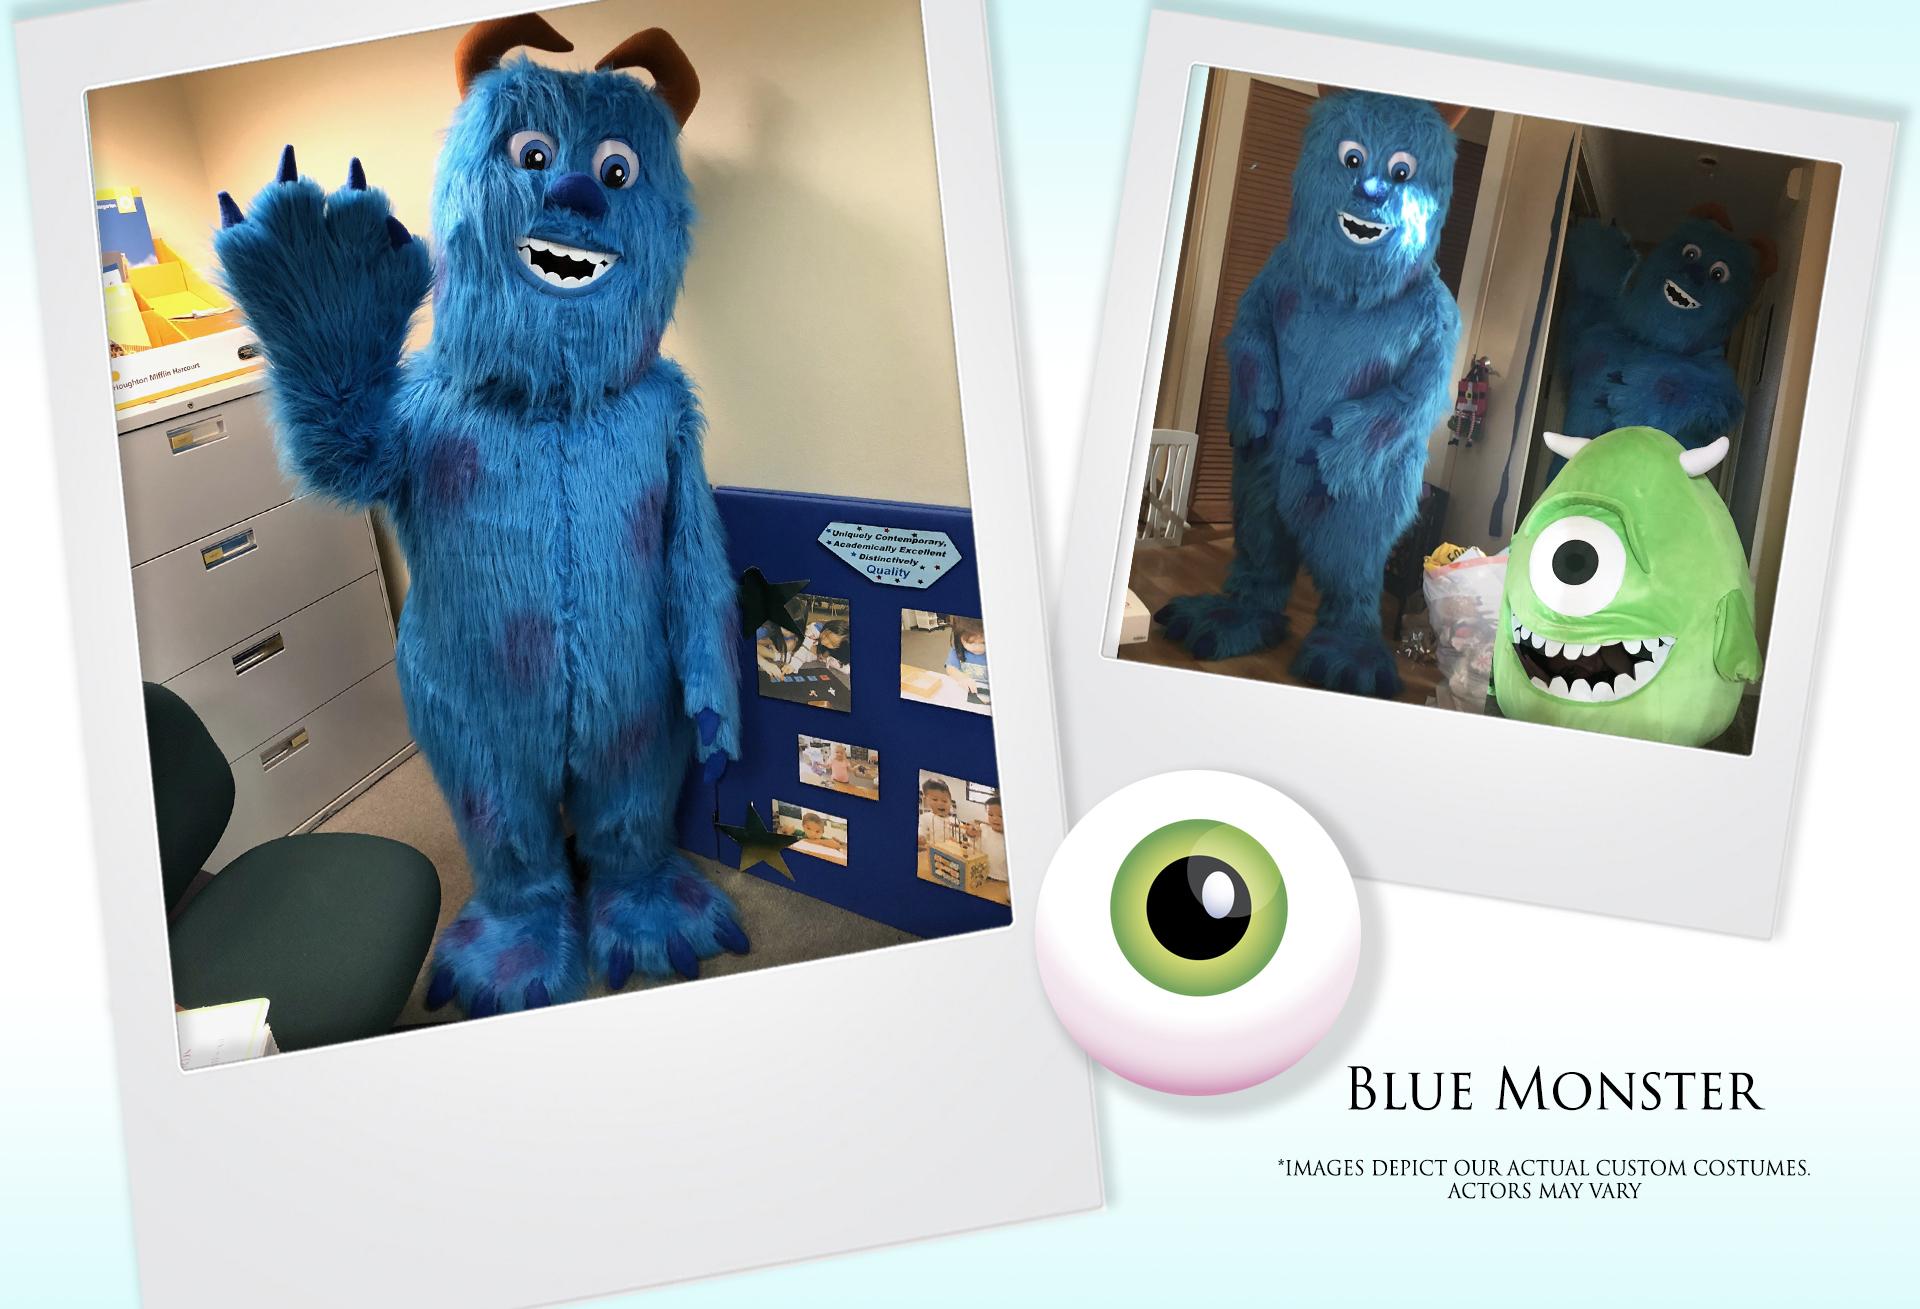 Bluemonster.jpg